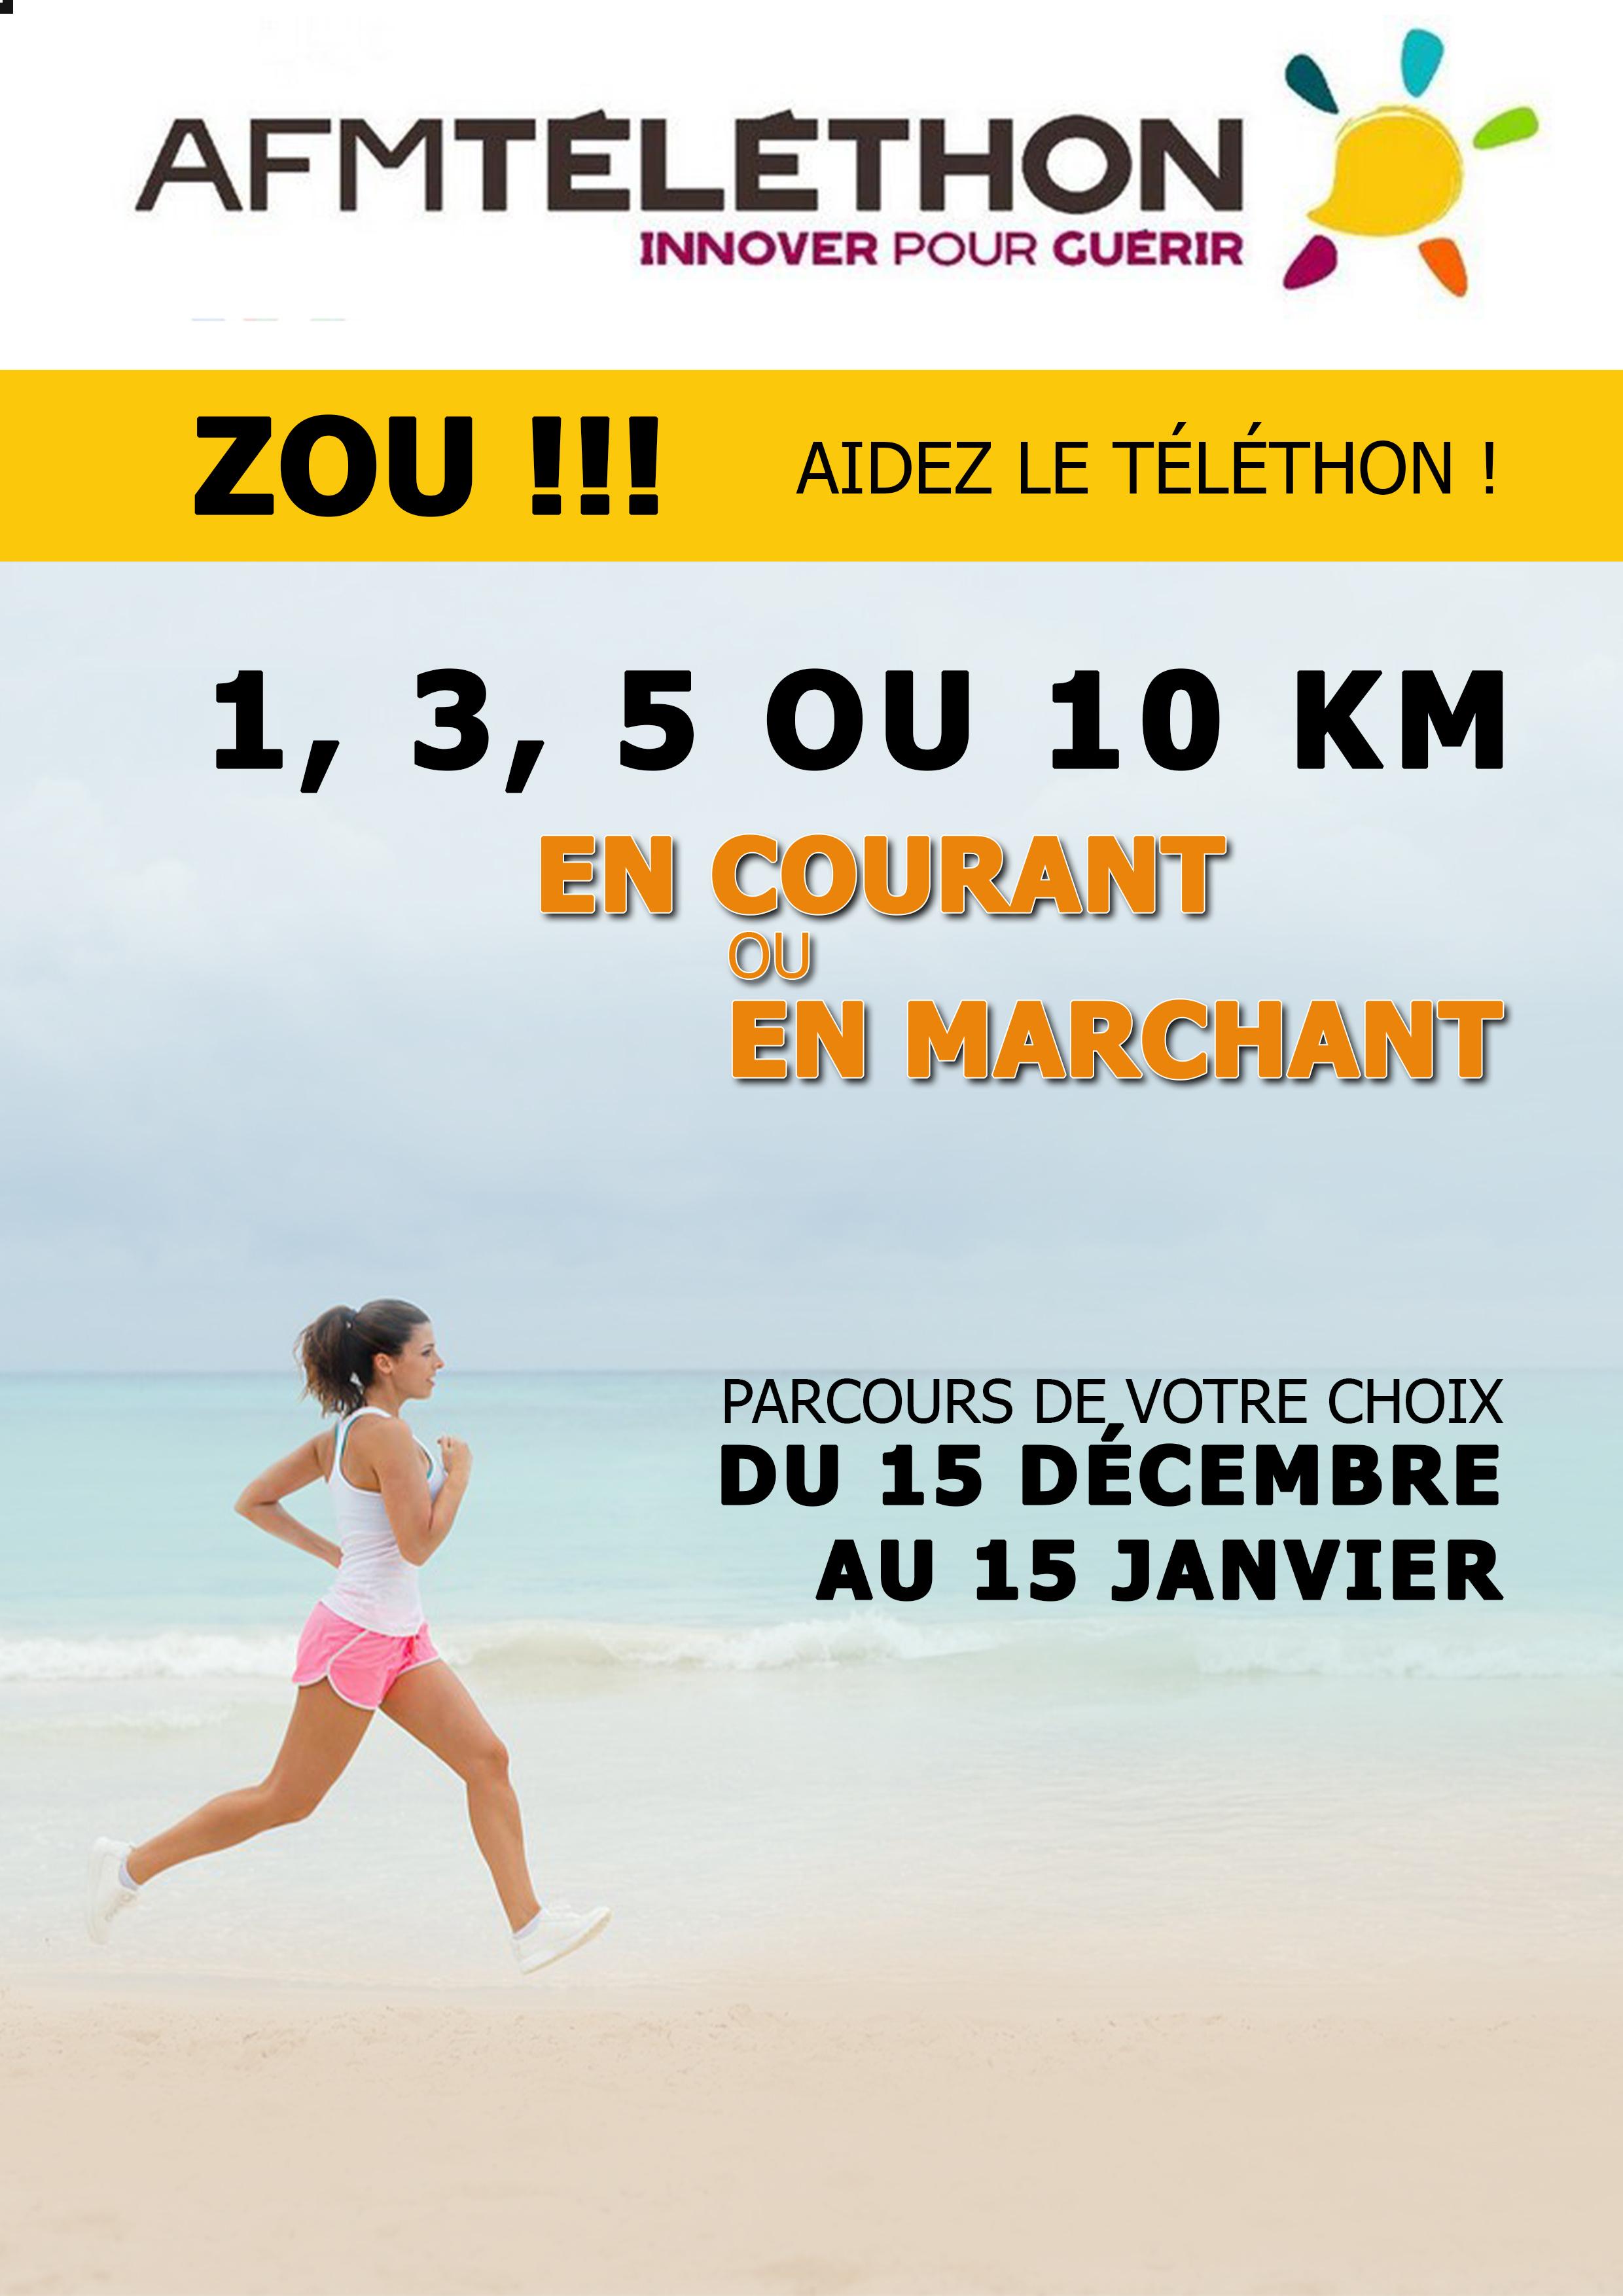 Affiche ZOU! AIDEZ LE TELETHON!